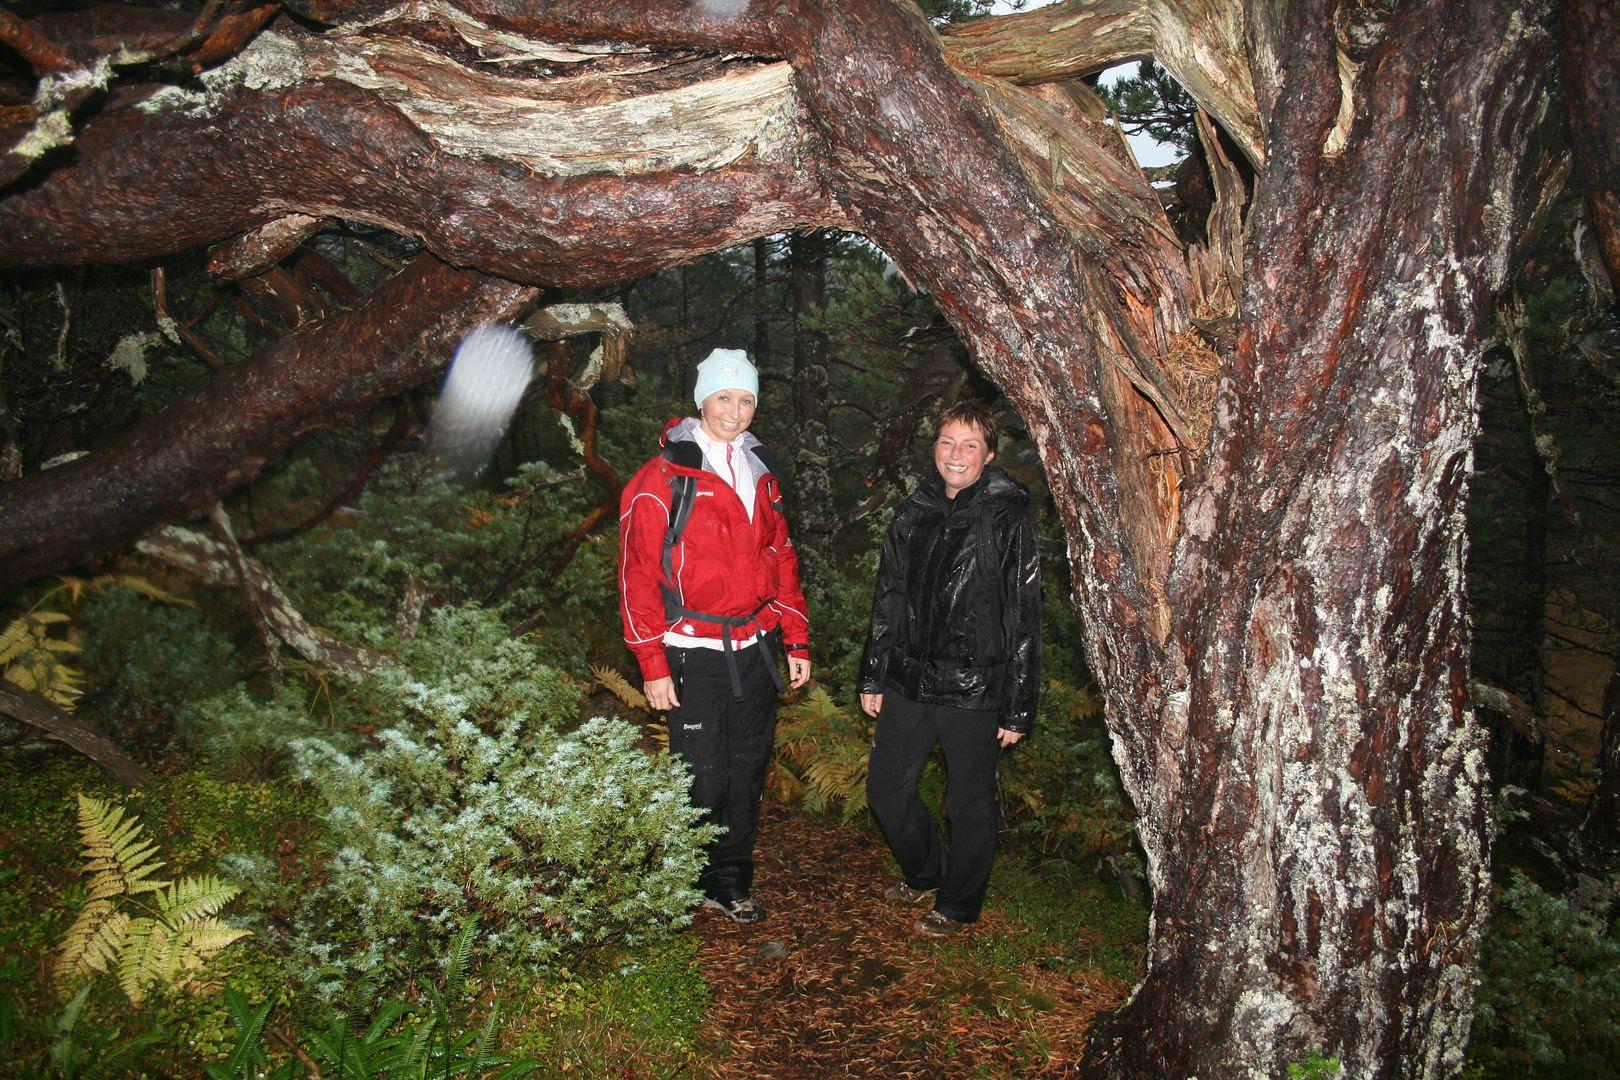 Jeg og Iris under en flott tre-kreasjon som stien går innunder - på veg mellom Eikefjordstølen og Hovlandstølen